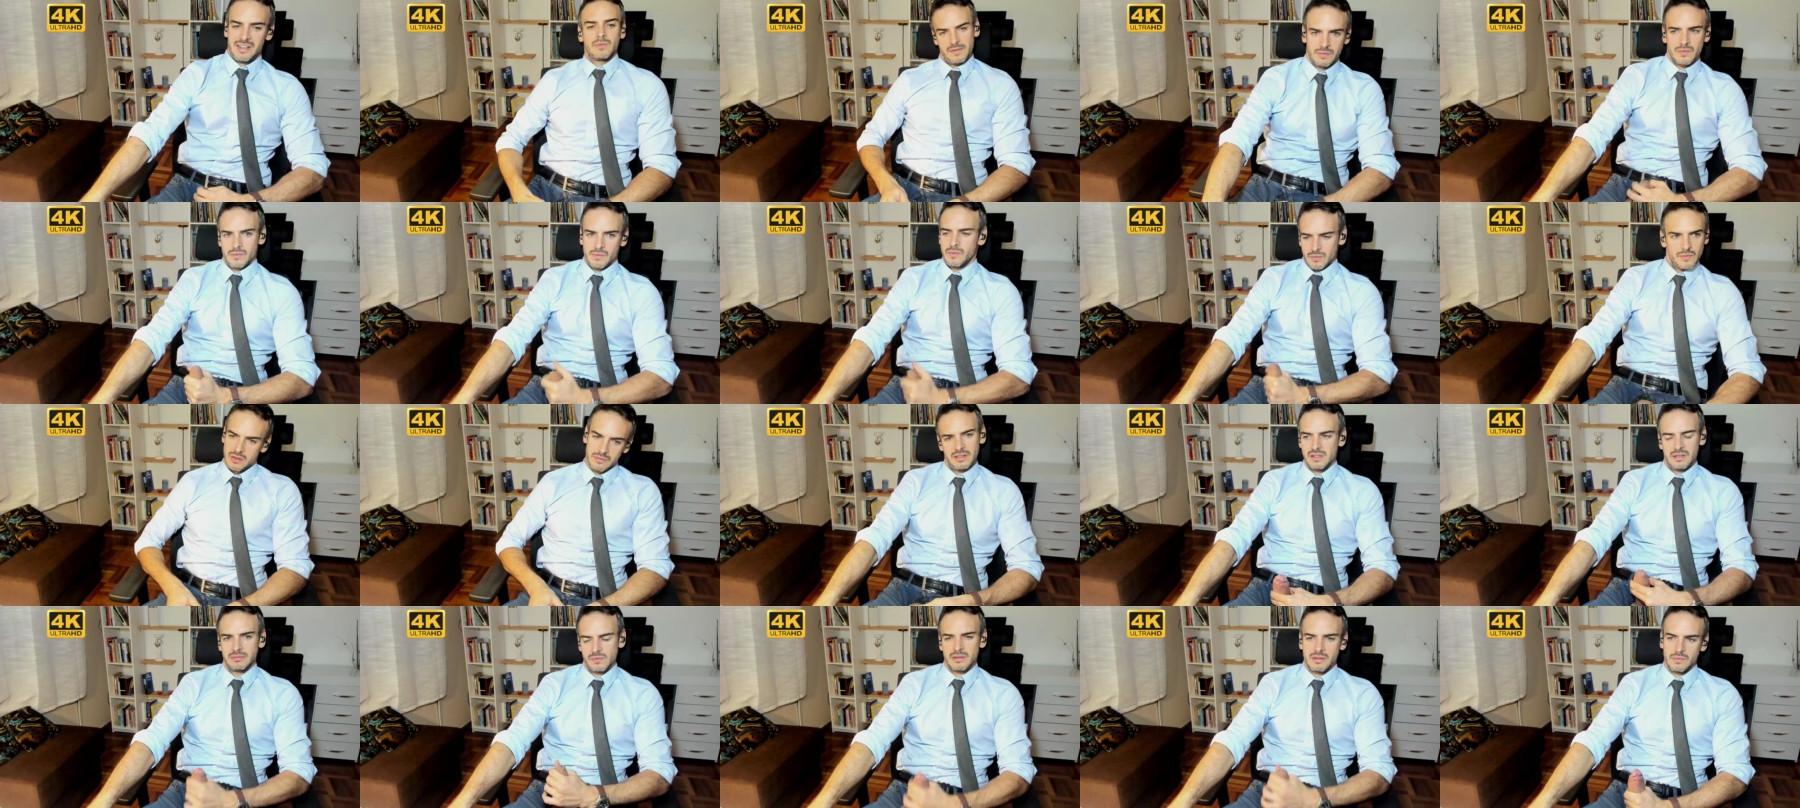 Hot_Martin25 Chaturbate 20-04-2021 Male Webcam